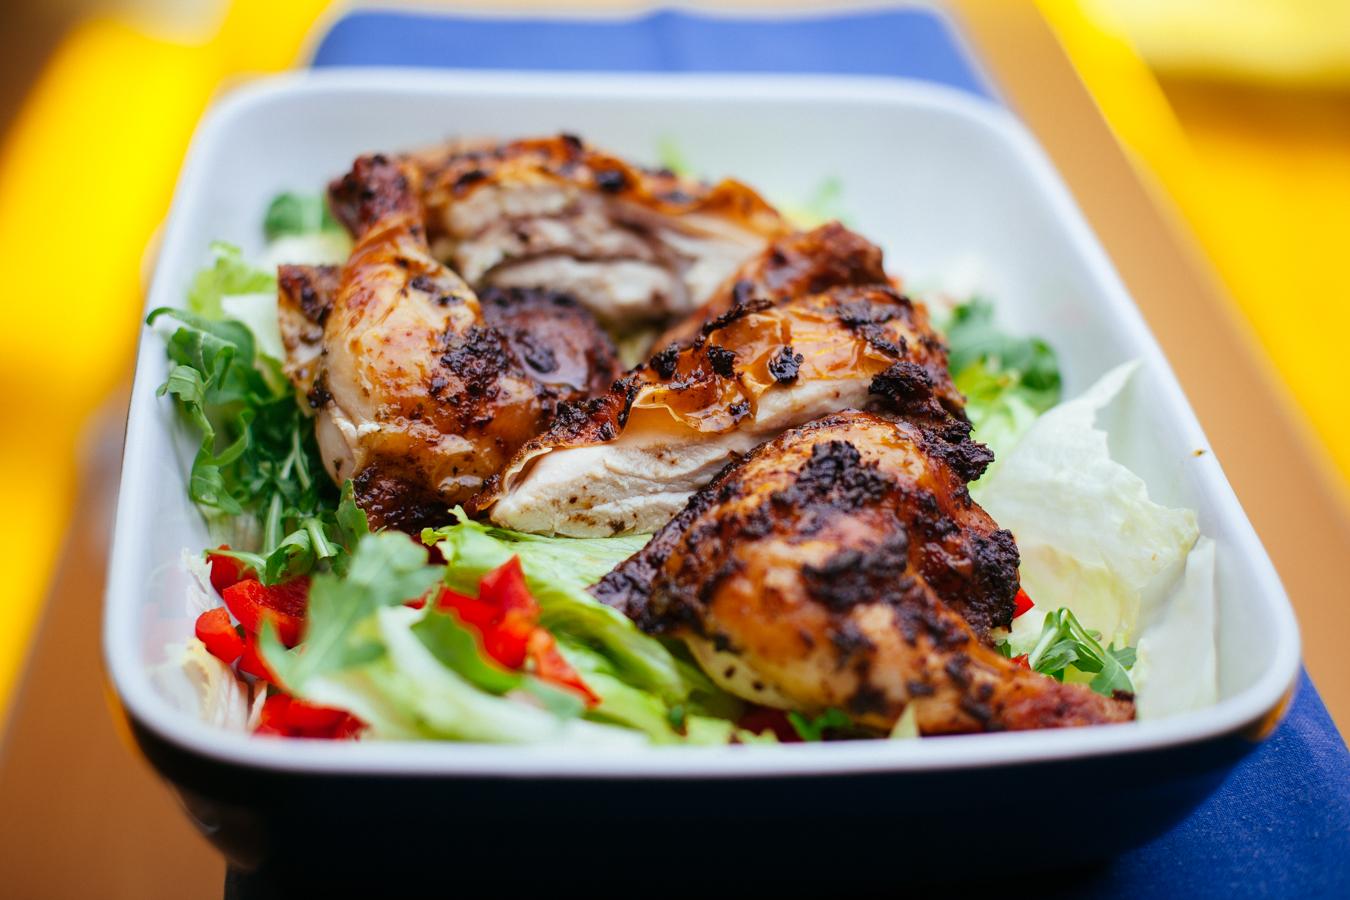 ChickenSalad-001.jpg